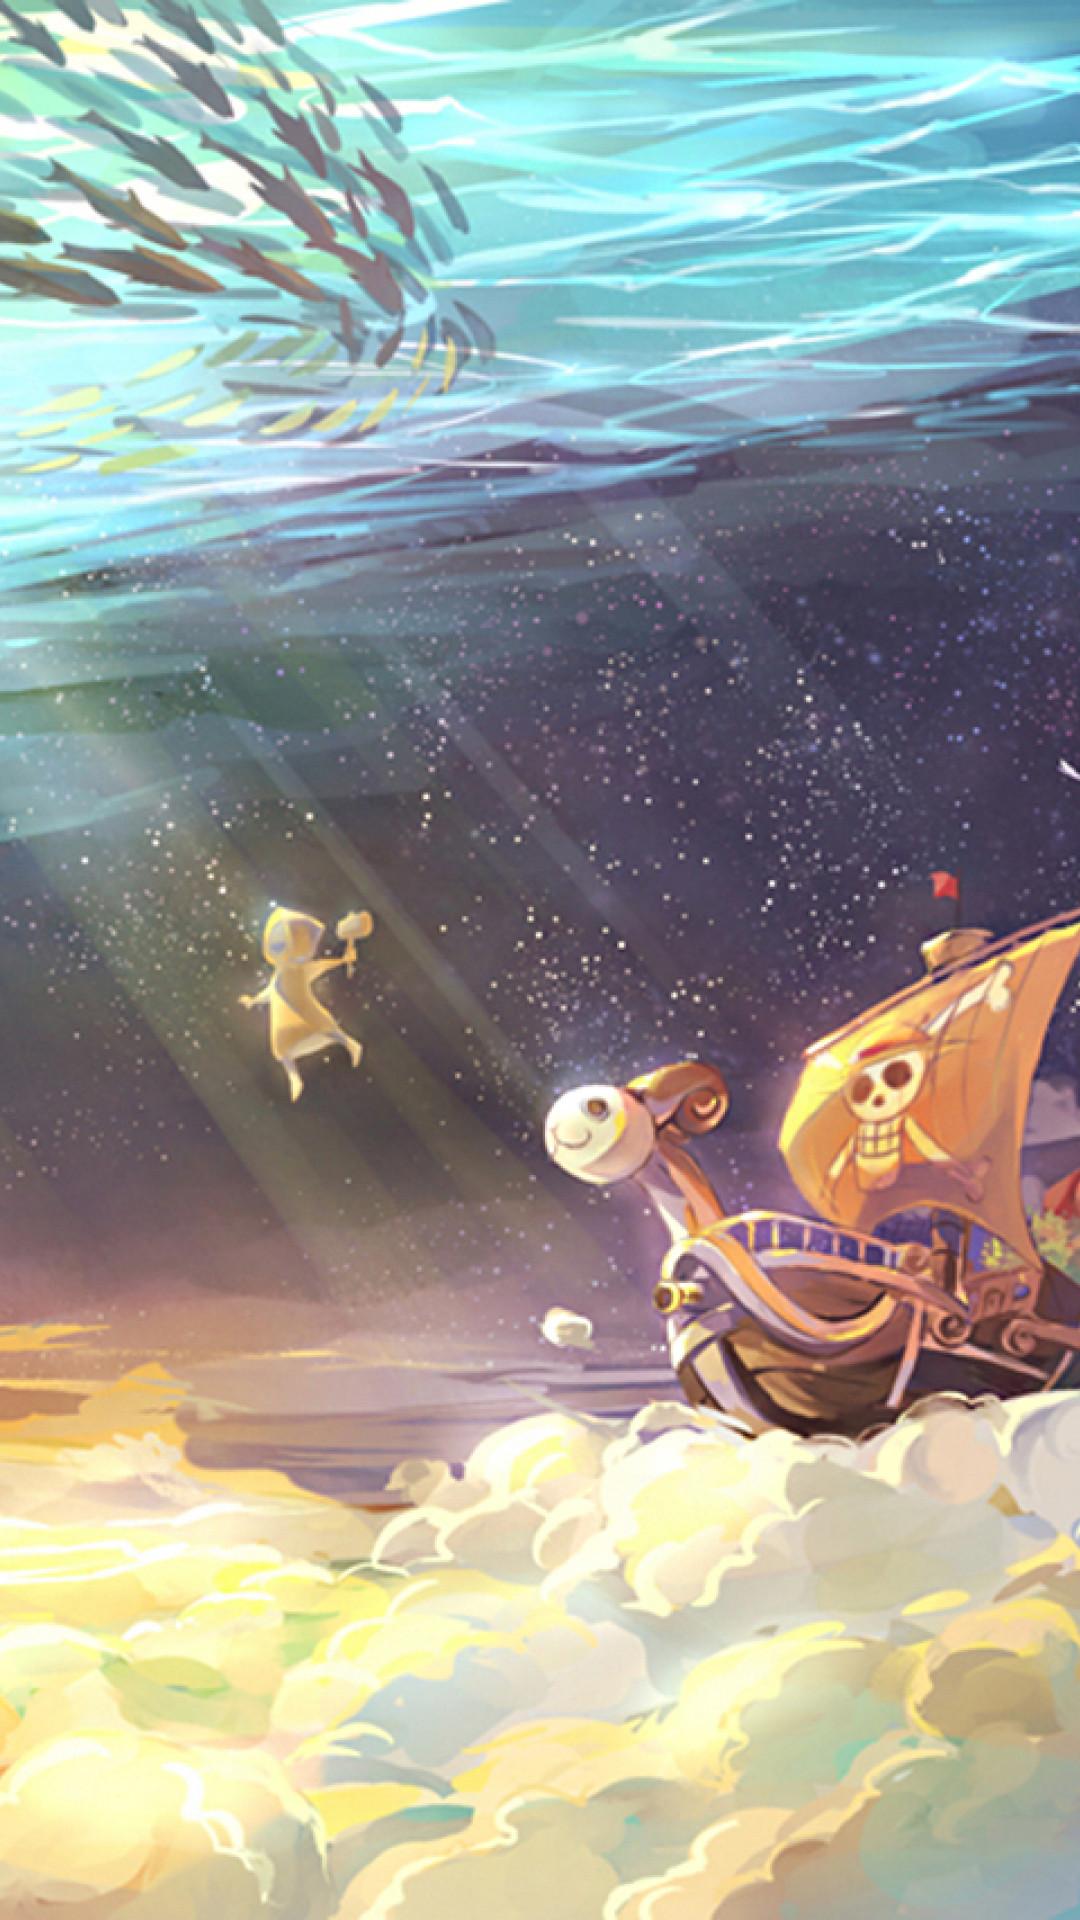 HD Wallpaper One Piece Suny Go